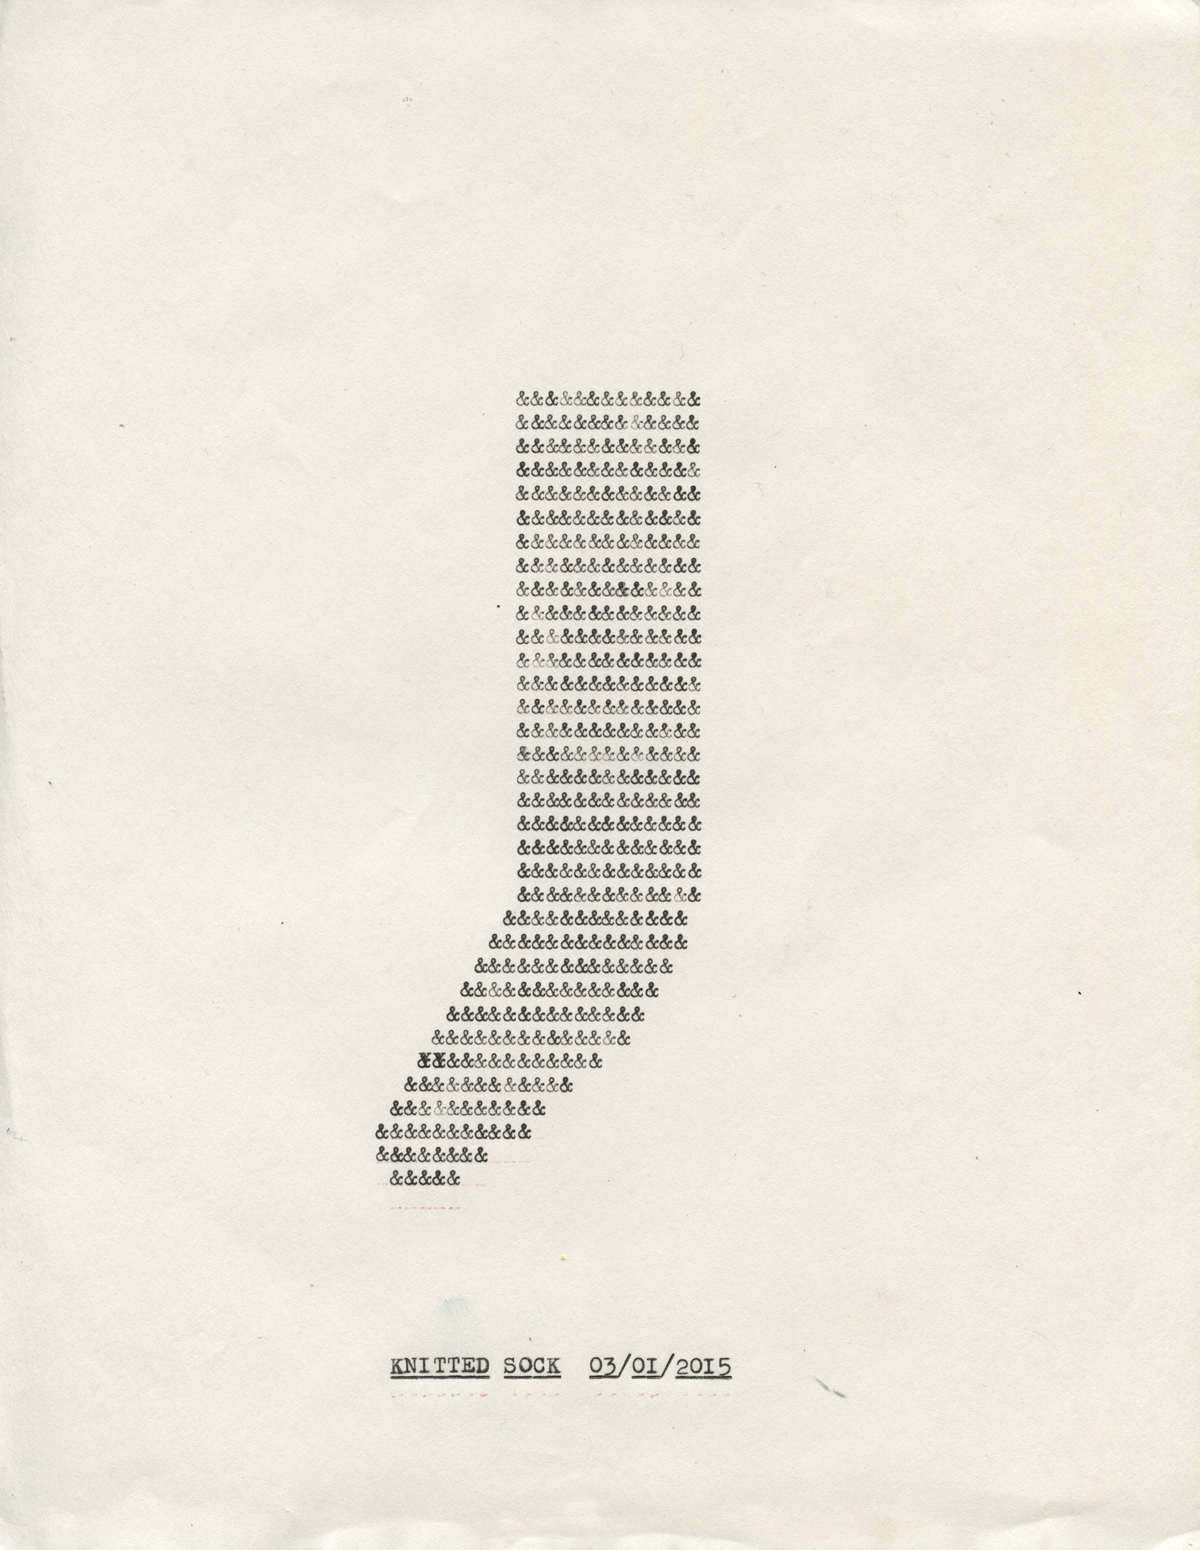 typewriter_drawing_03_01_2015.jpg